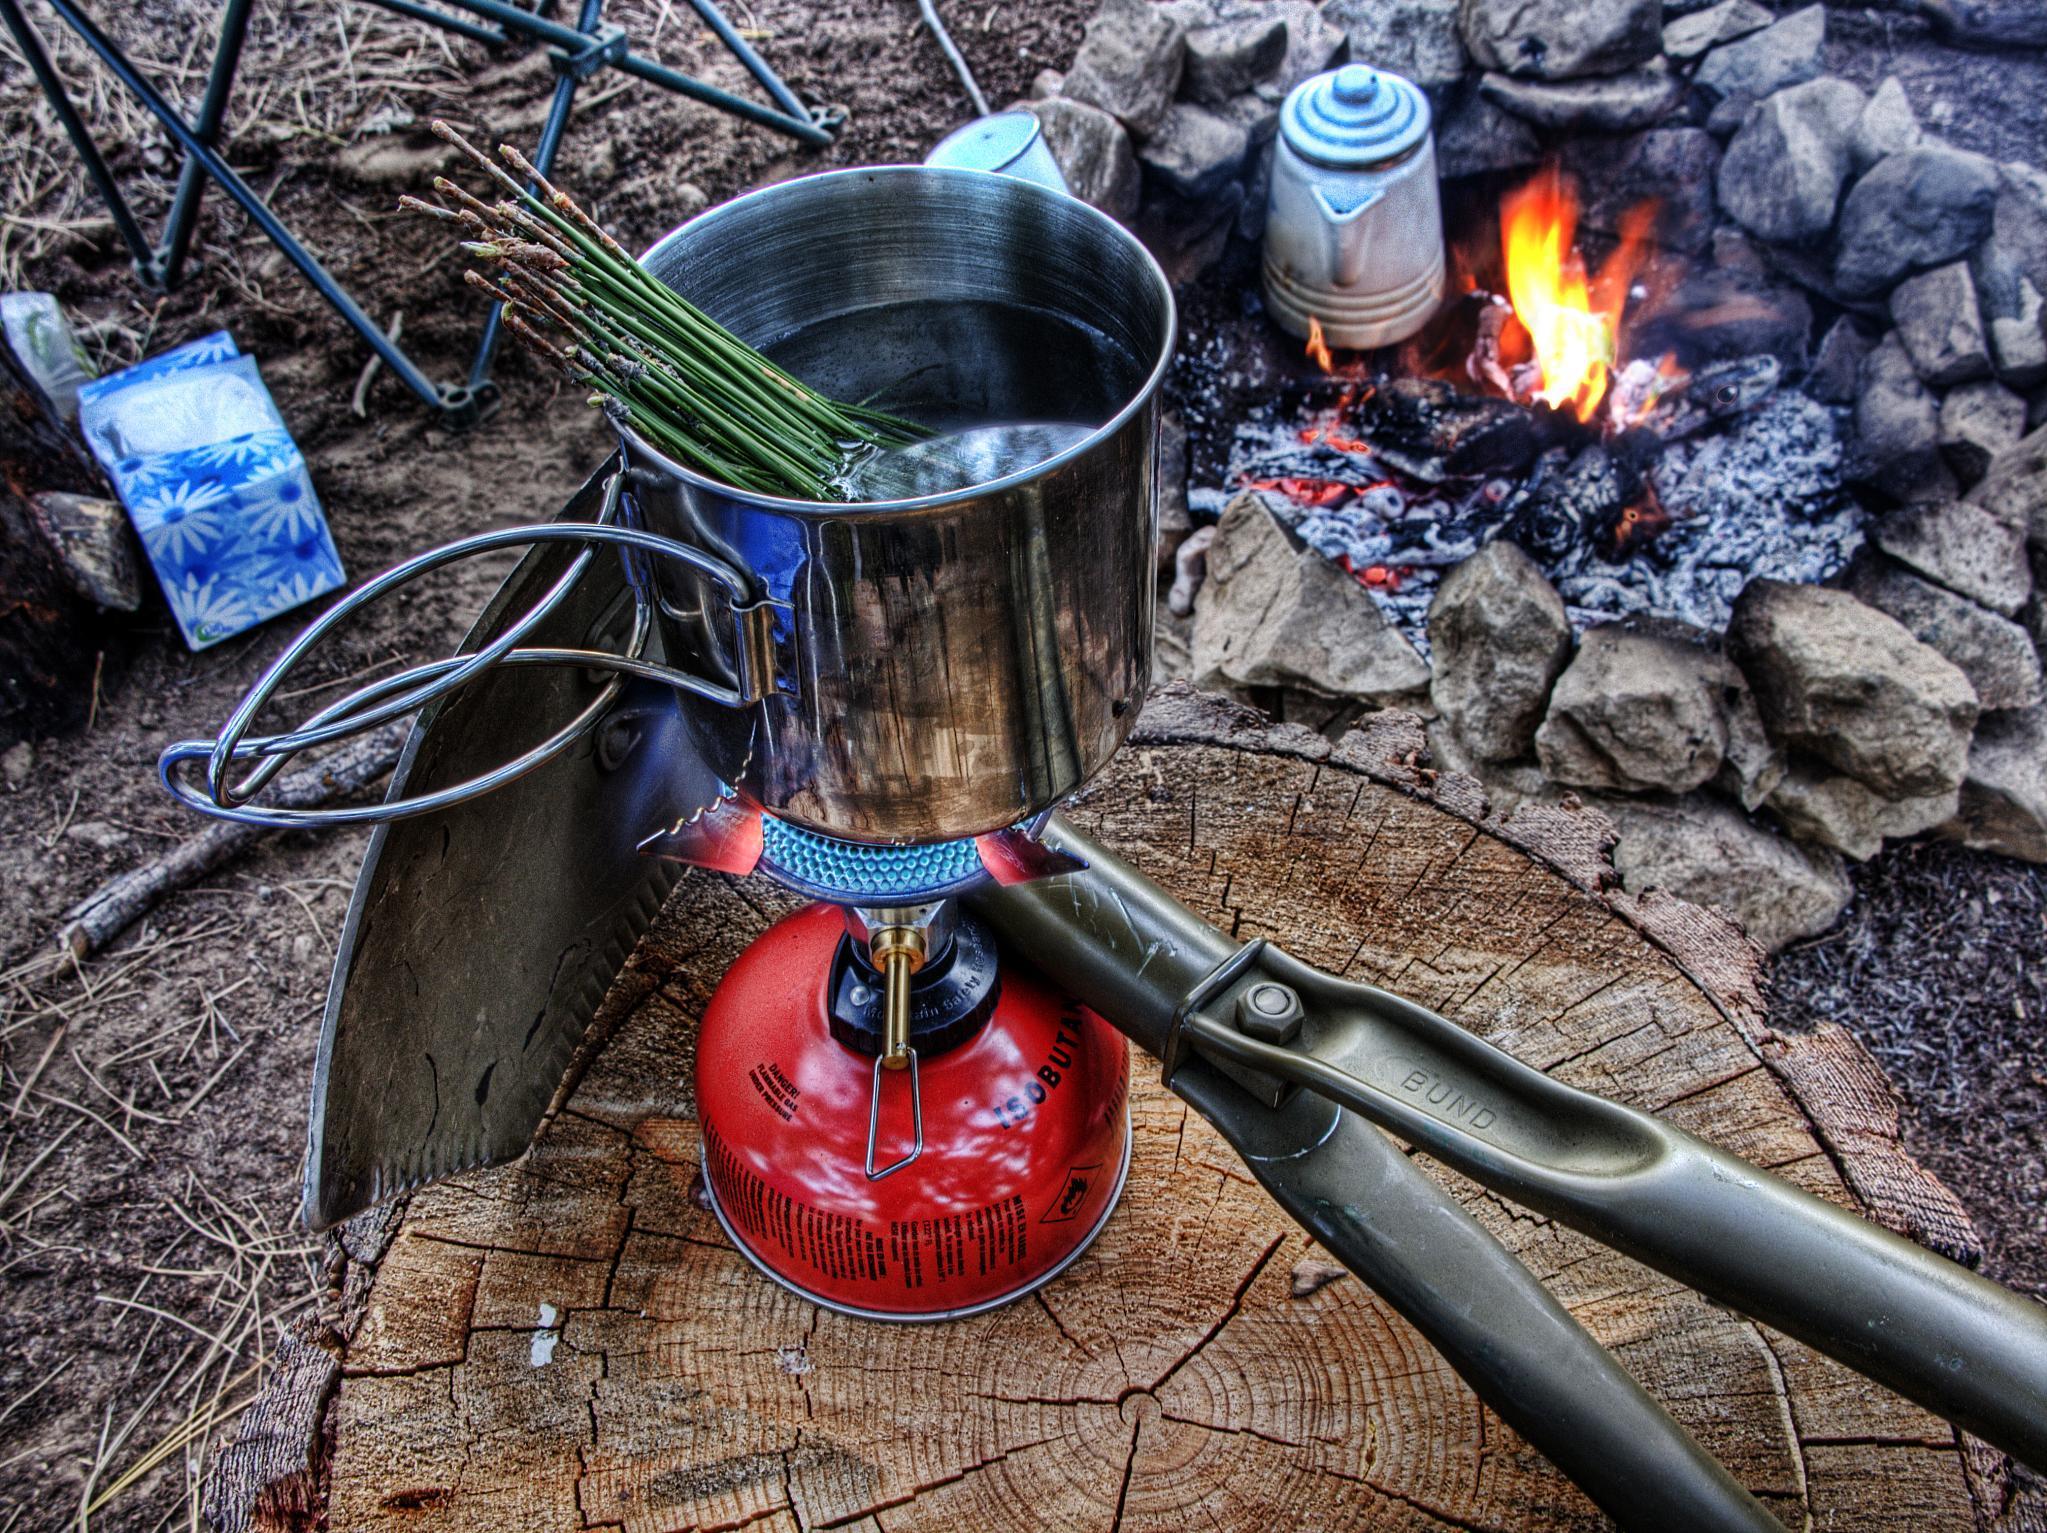 A brew of pine needle tea.